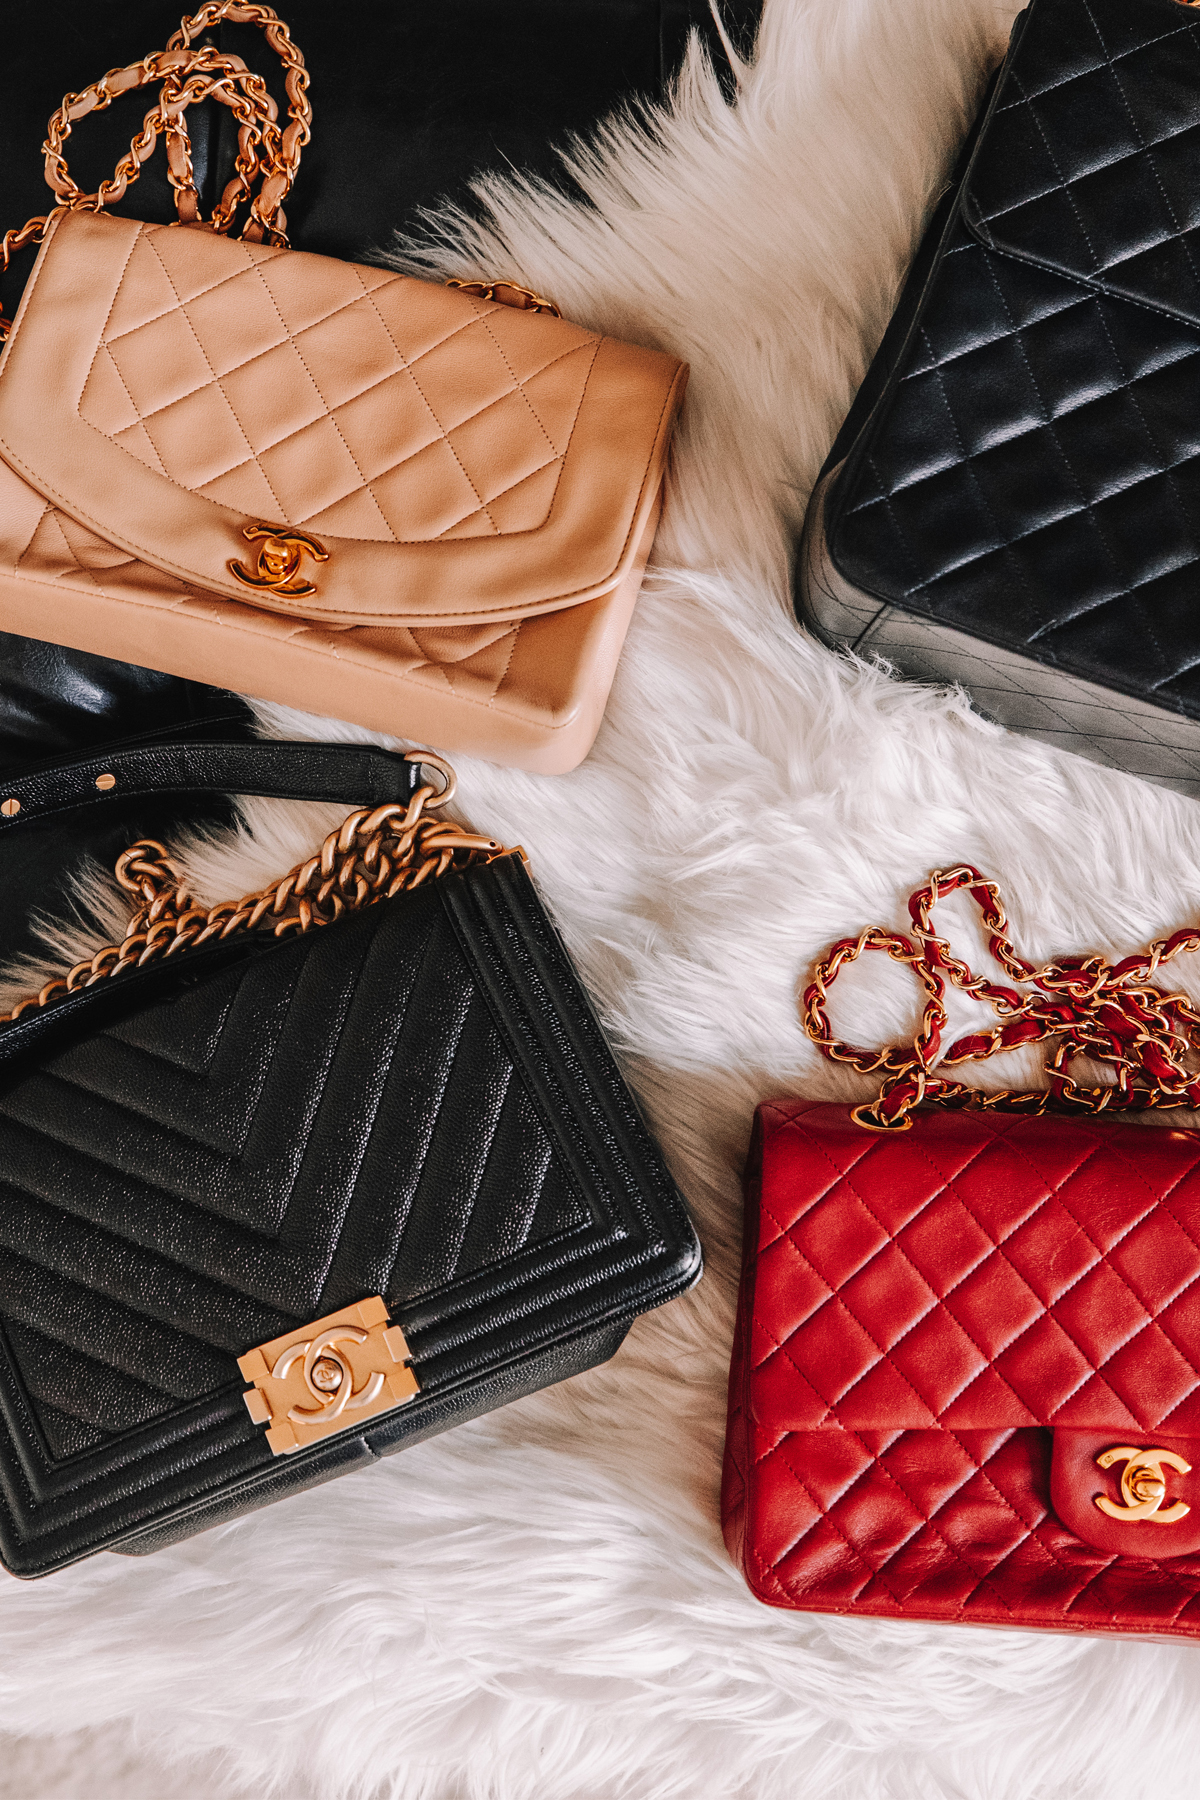 Fashion Jackson Chanel Handbag Collection 5